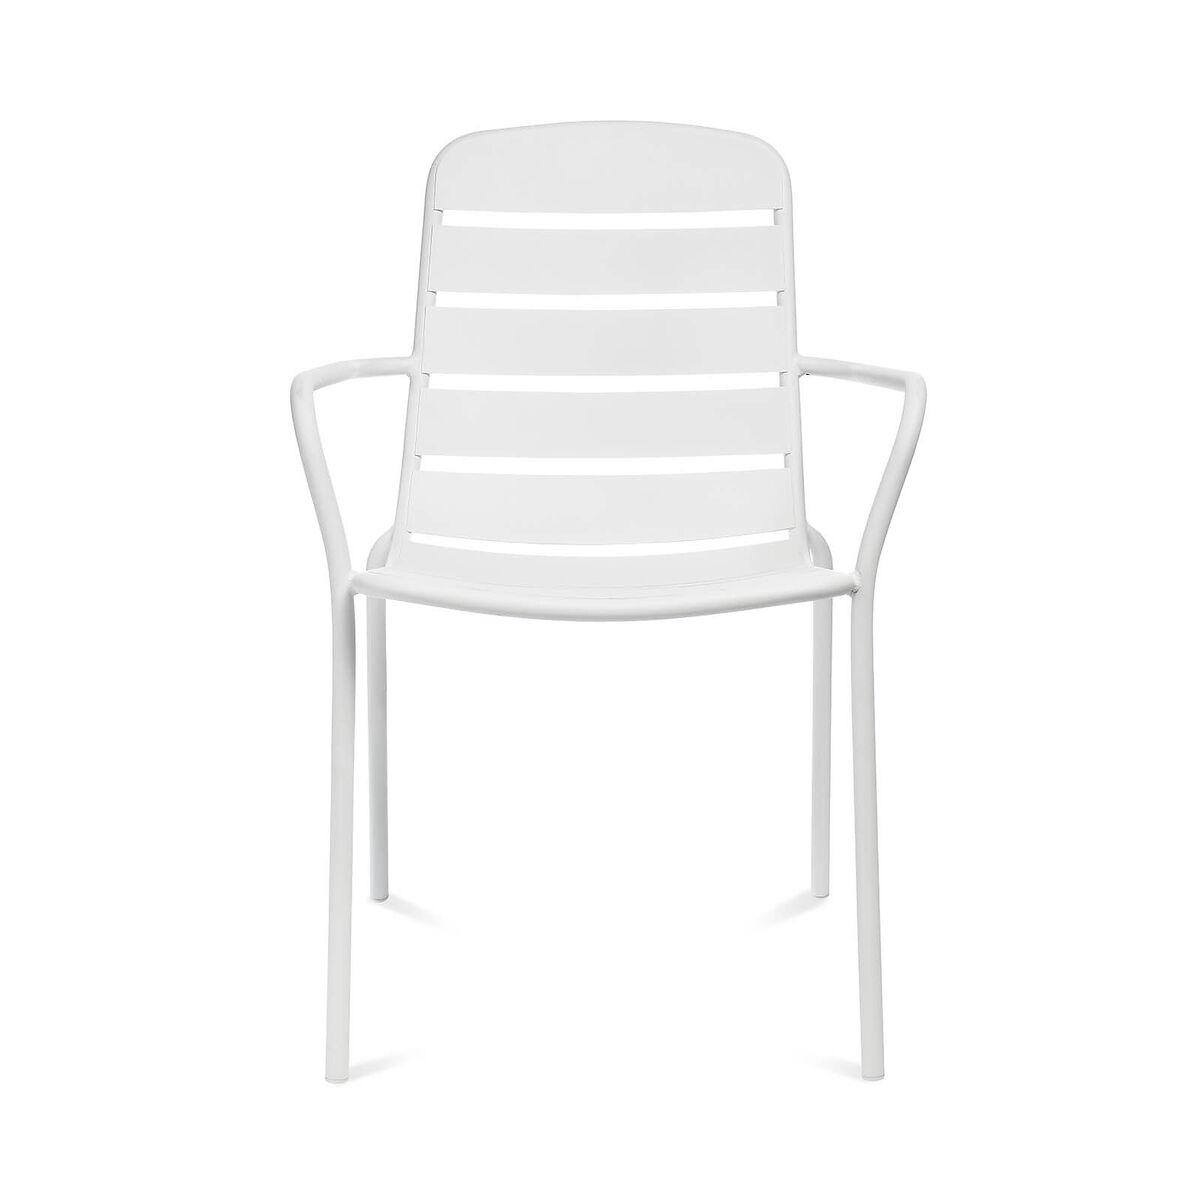 Bild 2 von Gartenstuhl mit Armlehnen, Aluminium, 56x63,5x84cm, weiß